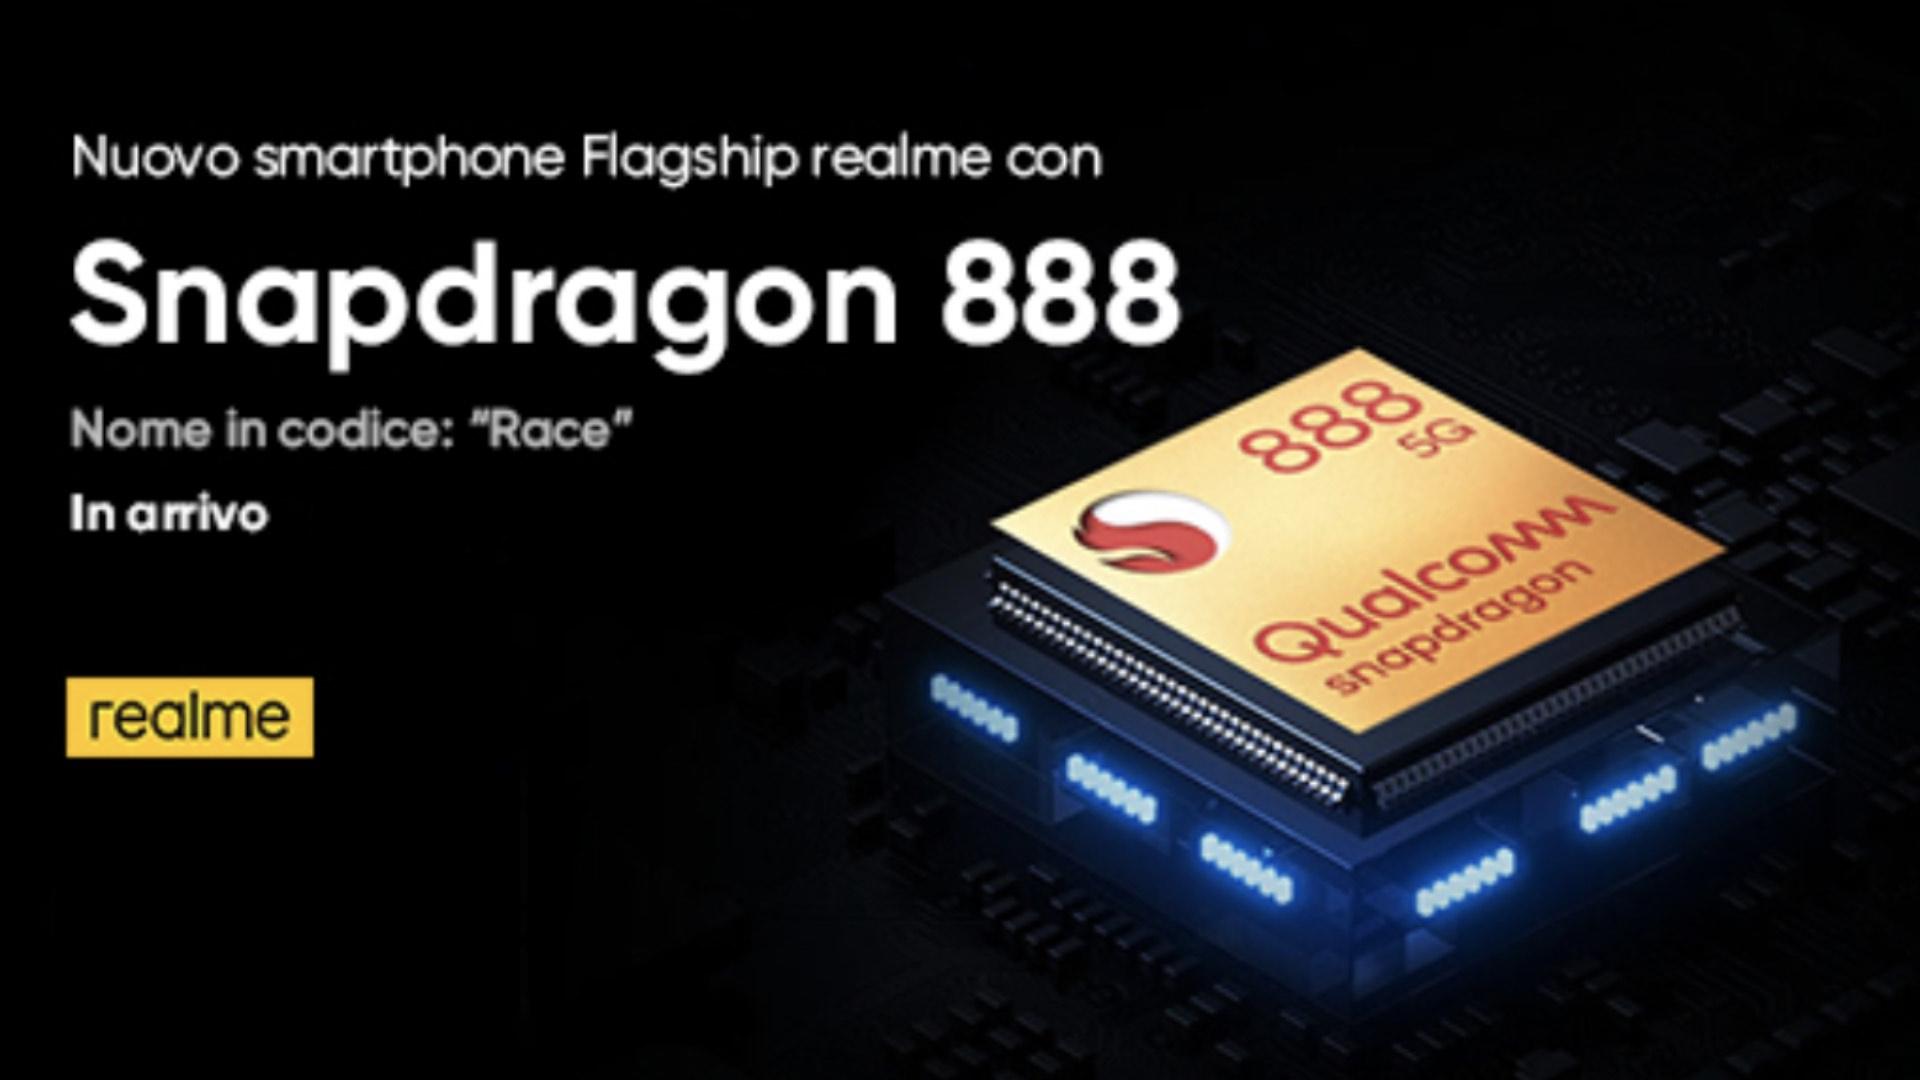 Qualcomm Snapdragon 888 è praticamente dietro l'angolo